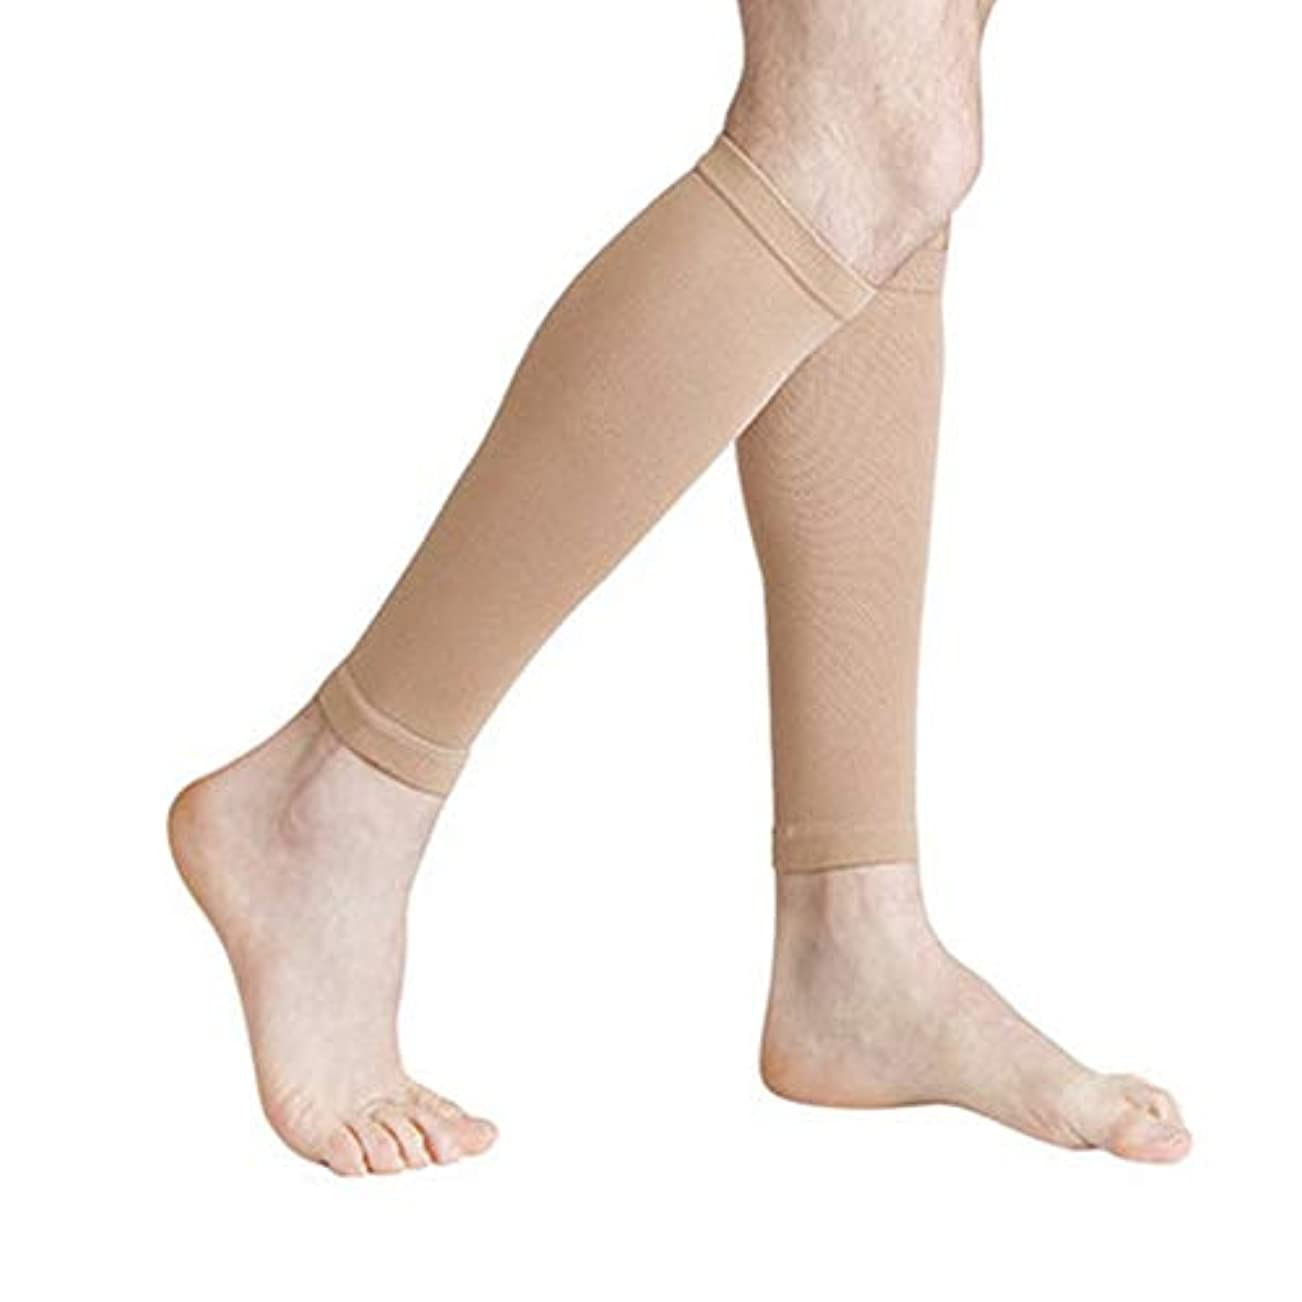 判読できない不名誉鉛丈夫な男性女性プロの圧縮靴下通気性のある旅行活動看護師用シントスプリントフライトトラベル - 肌色